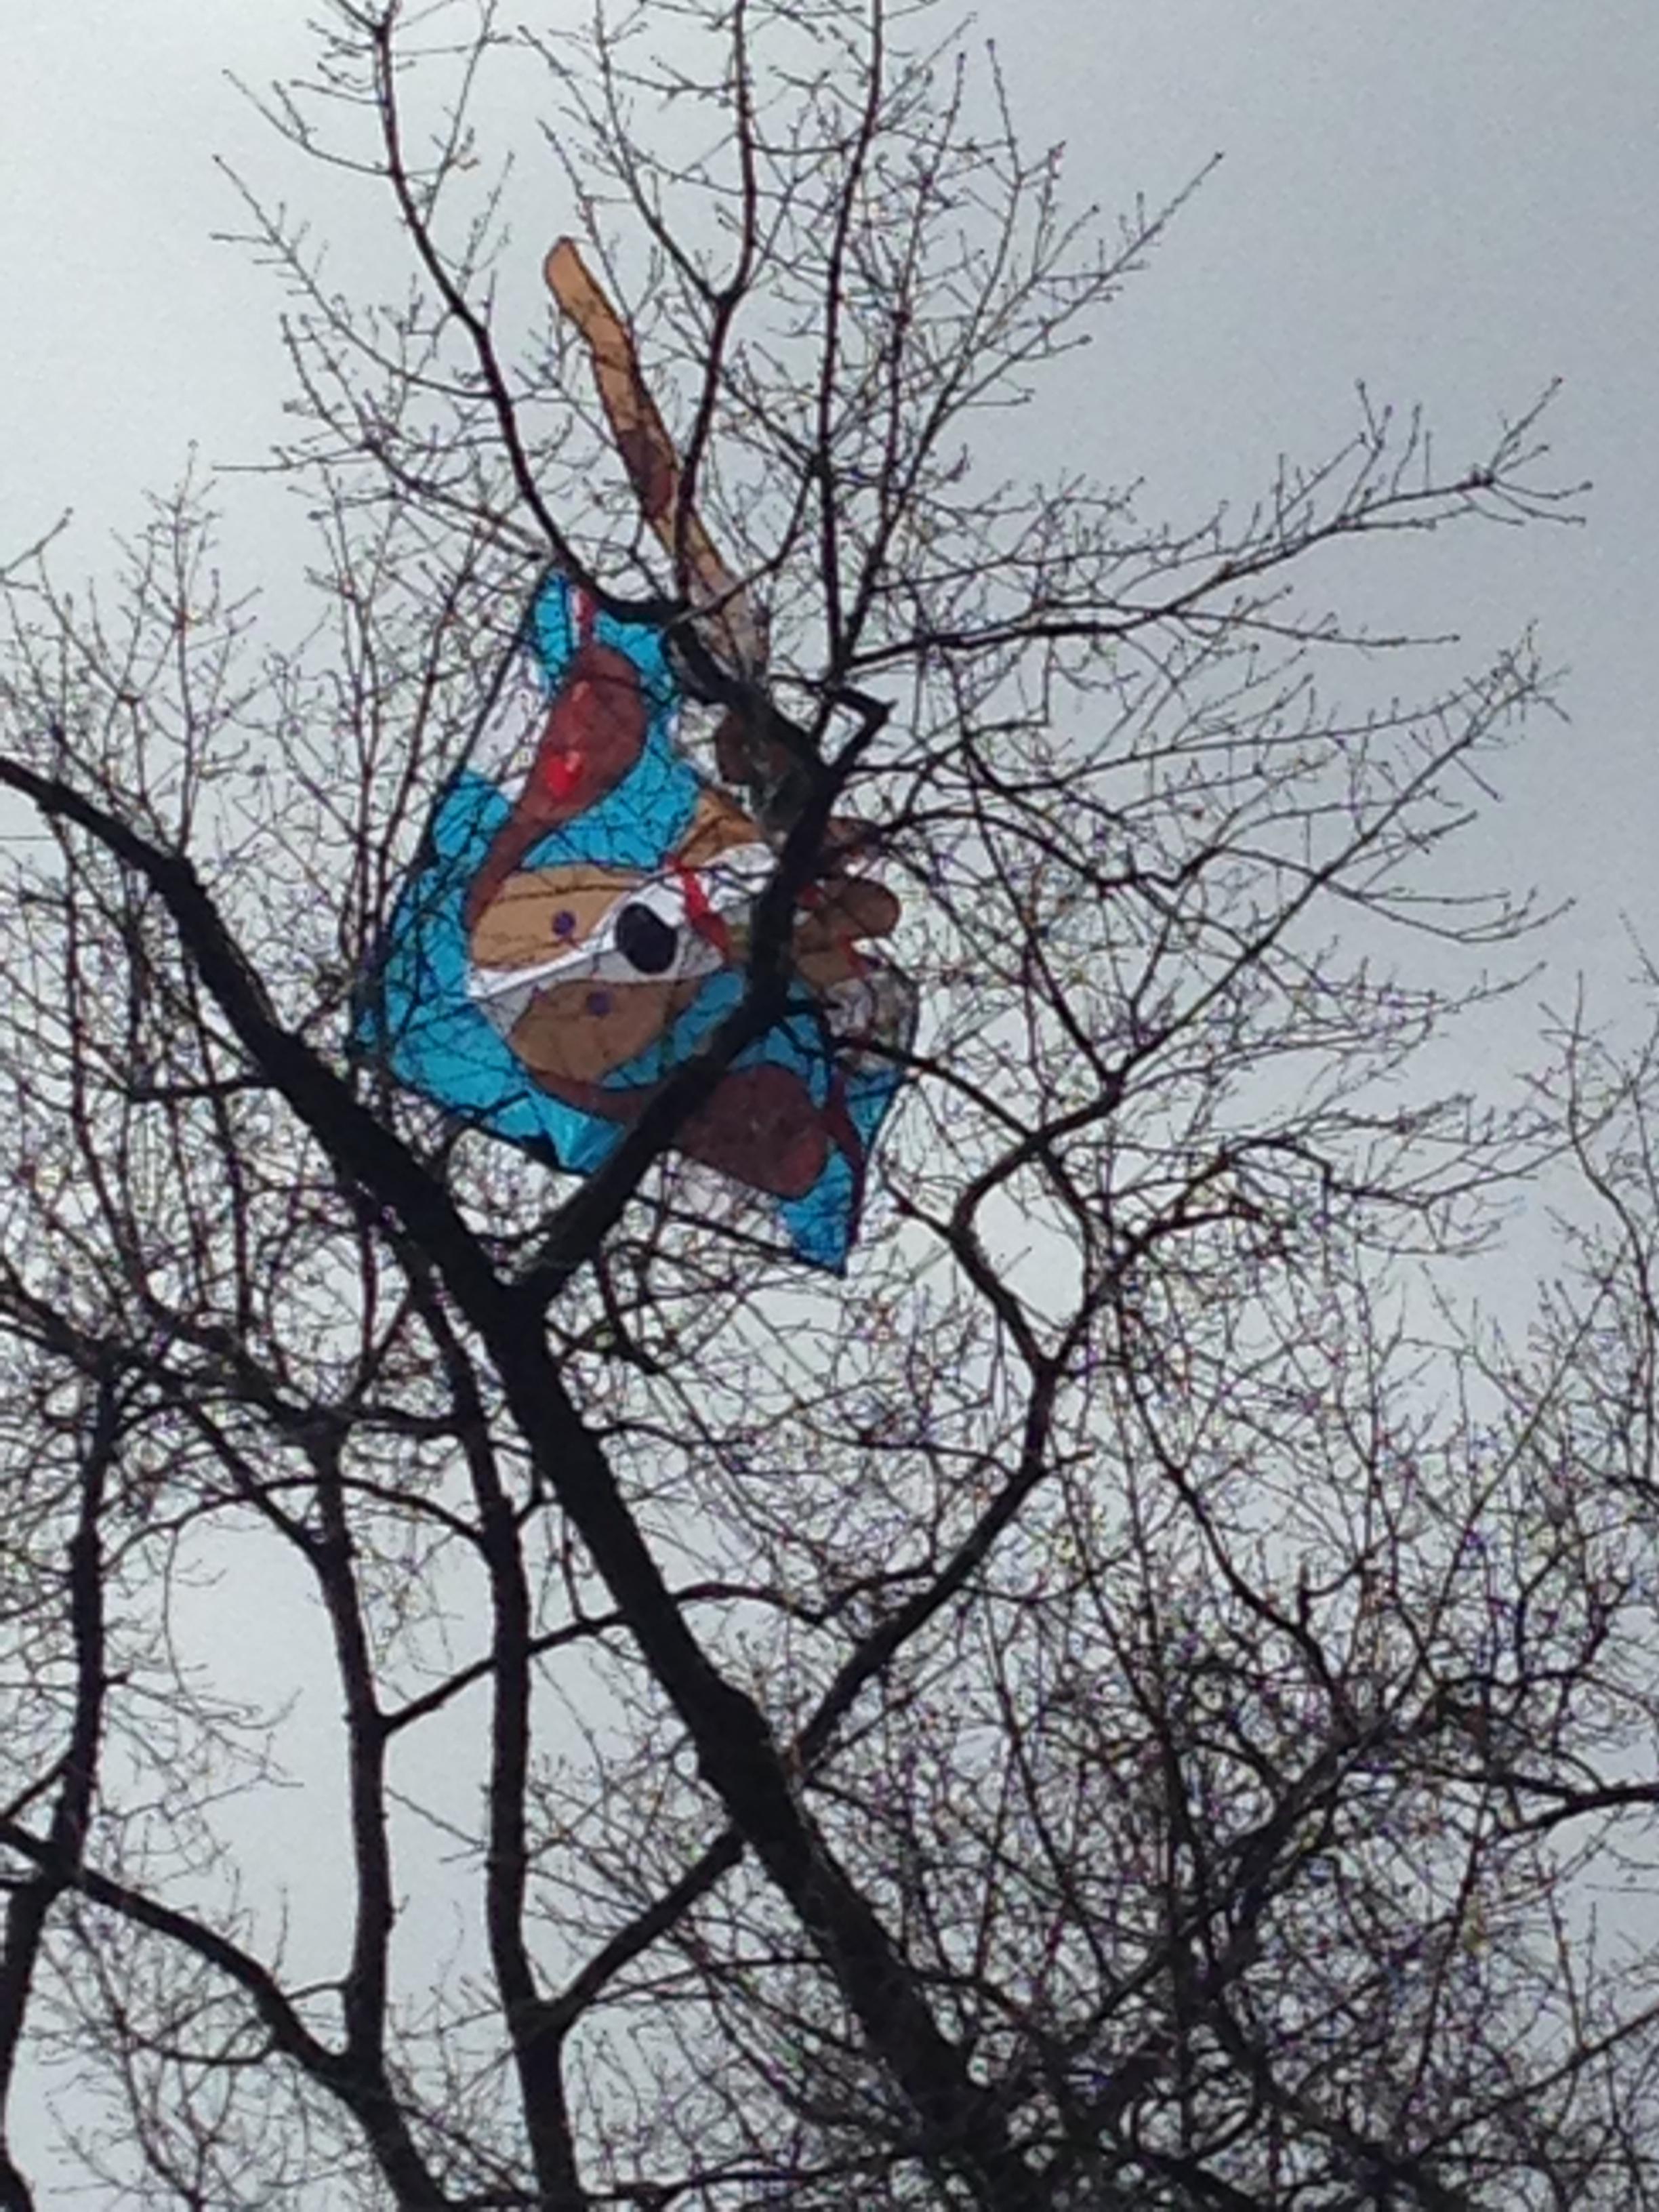 A sacrifice to the kite gods